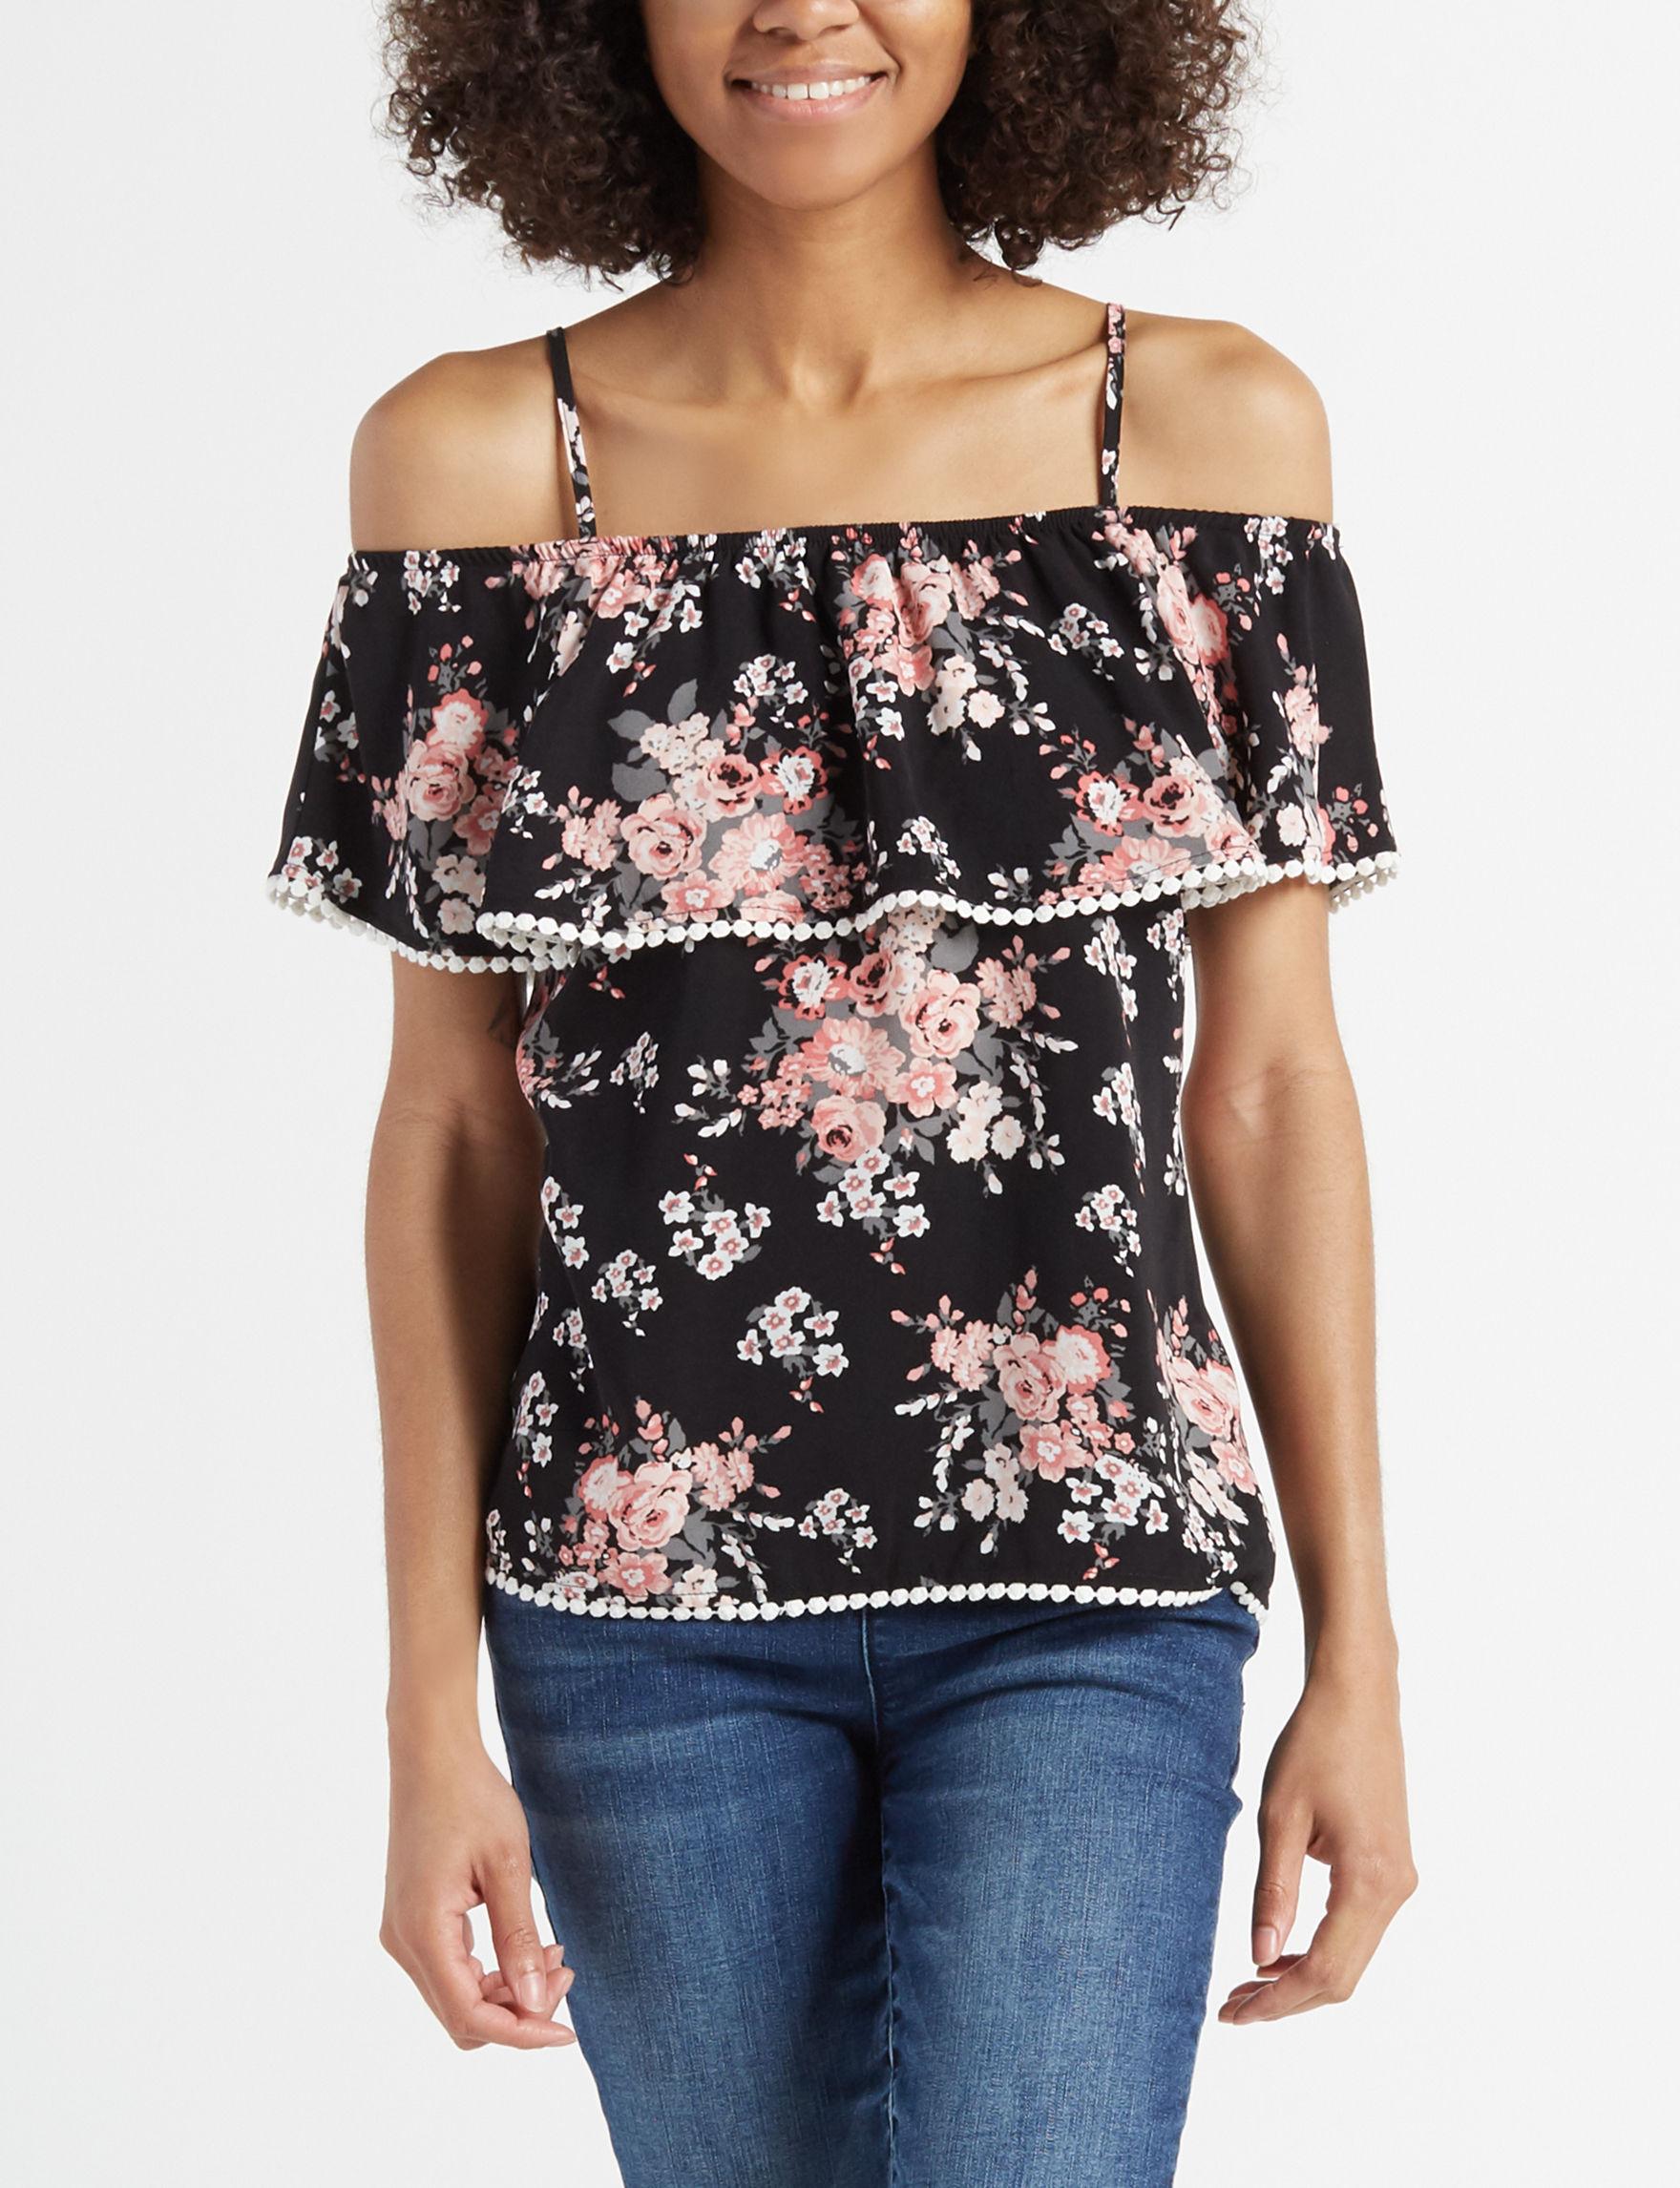 Miss Chievous Black Floral Shirts & Blouses